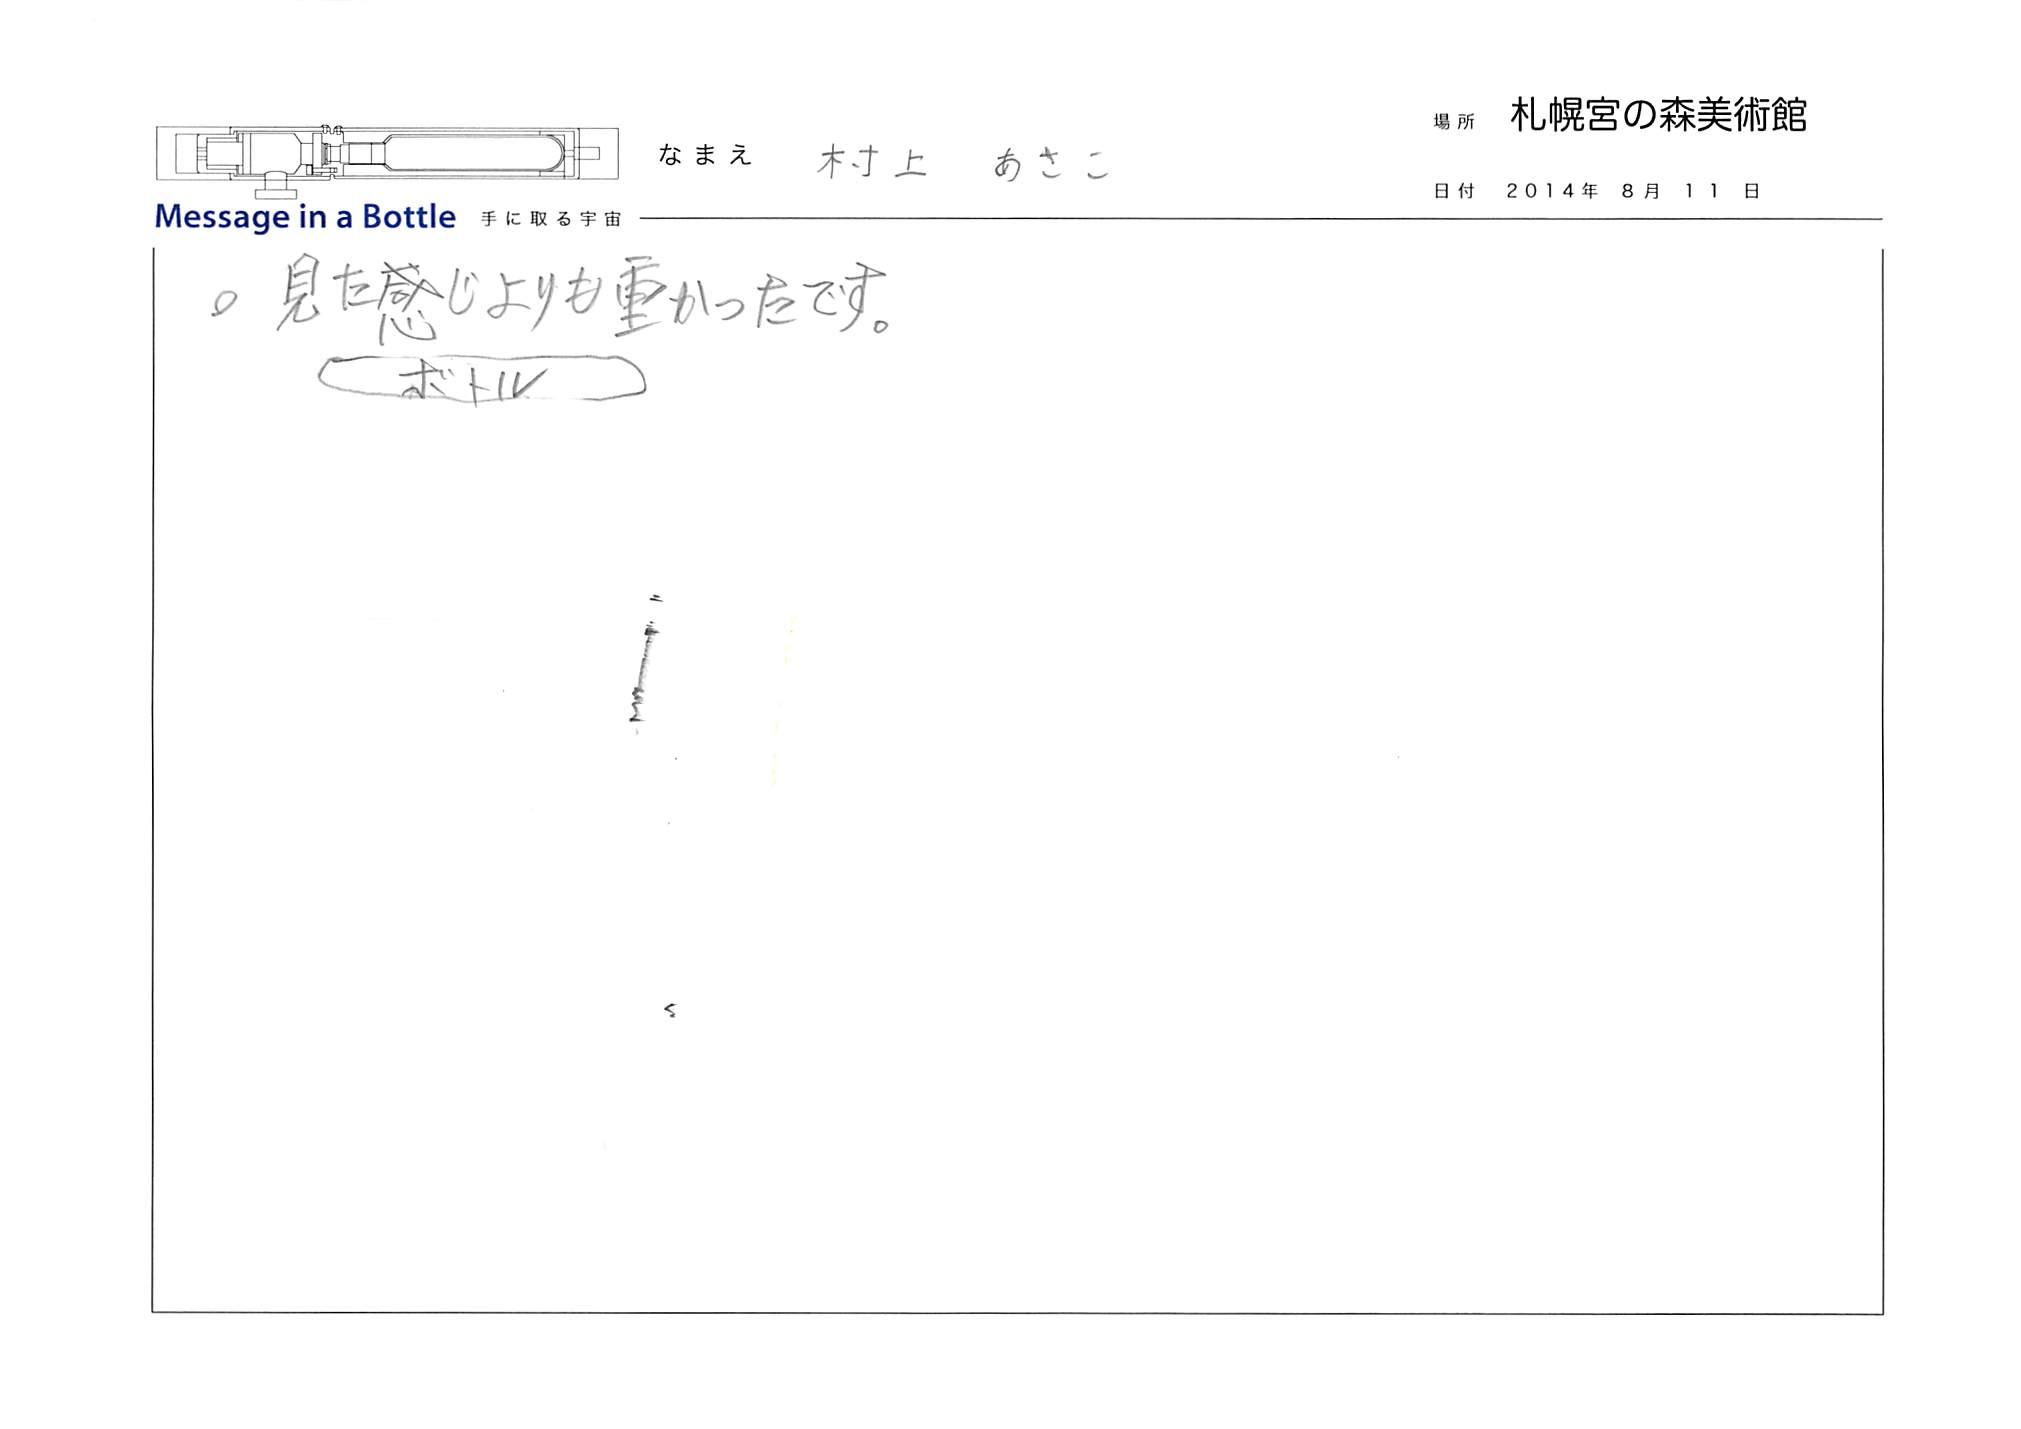 2014-08-11-22-02-58.jpg